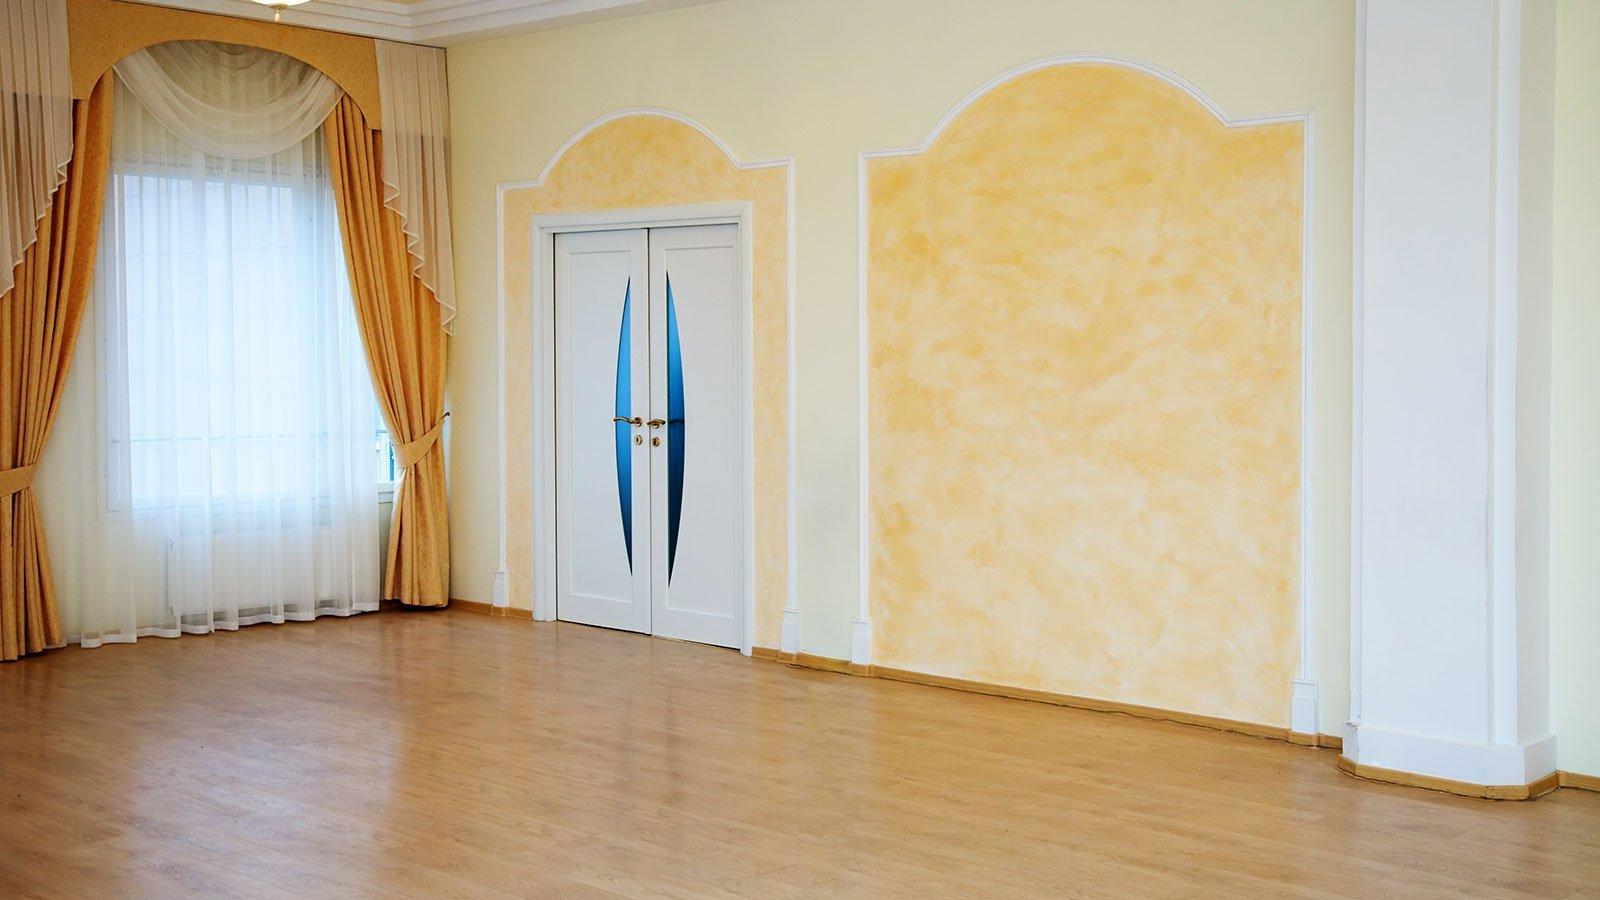 stanza vuota con mura tinteggiate e tenda color oro